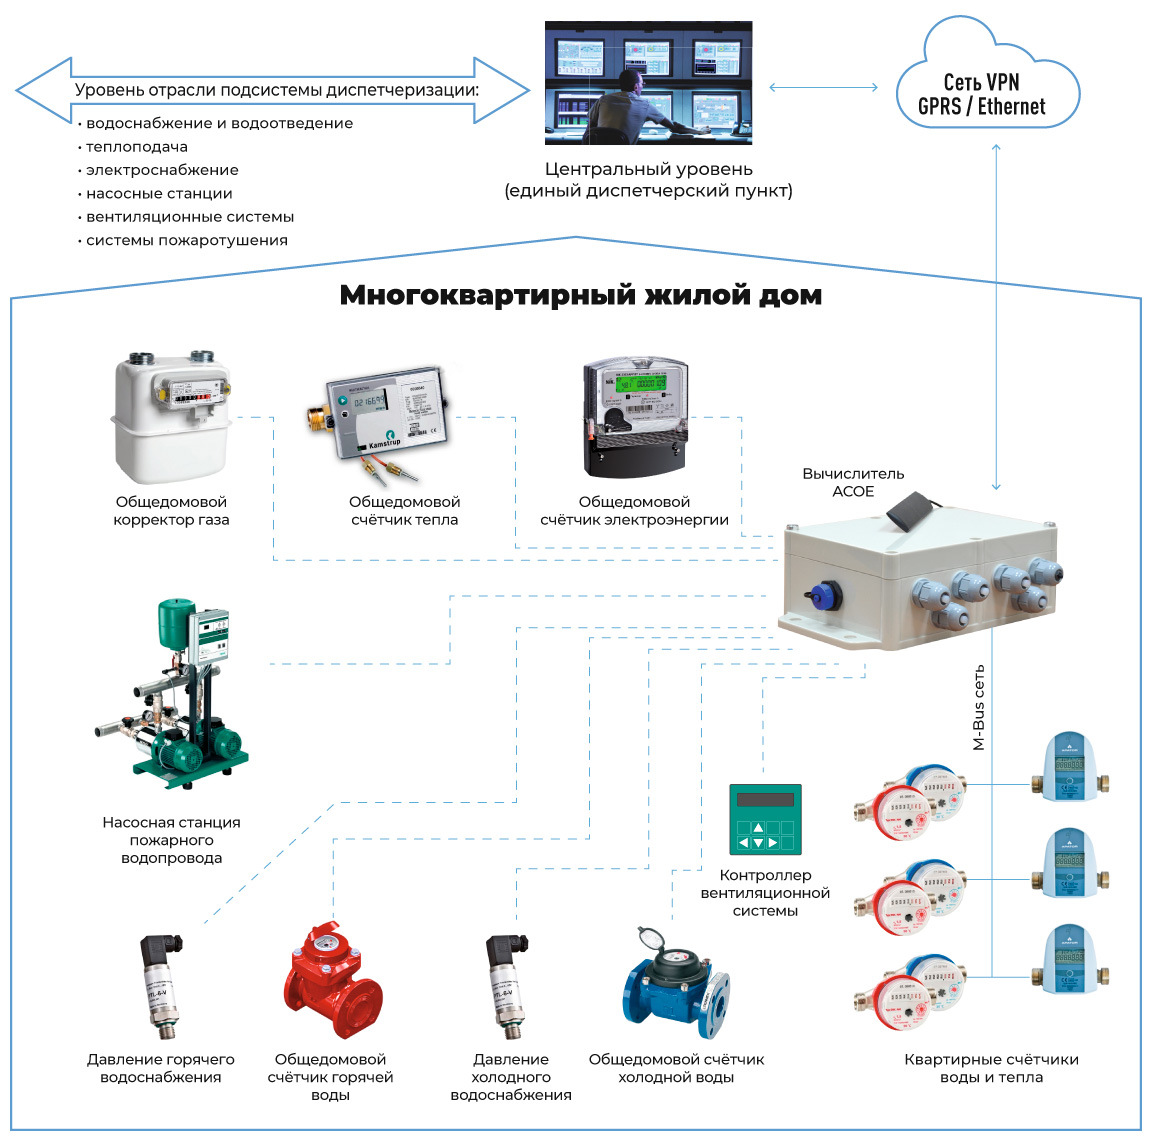 СЕА АСОЕ - общая структурная схема подключения коммуникаций. Оборудование локального уровня